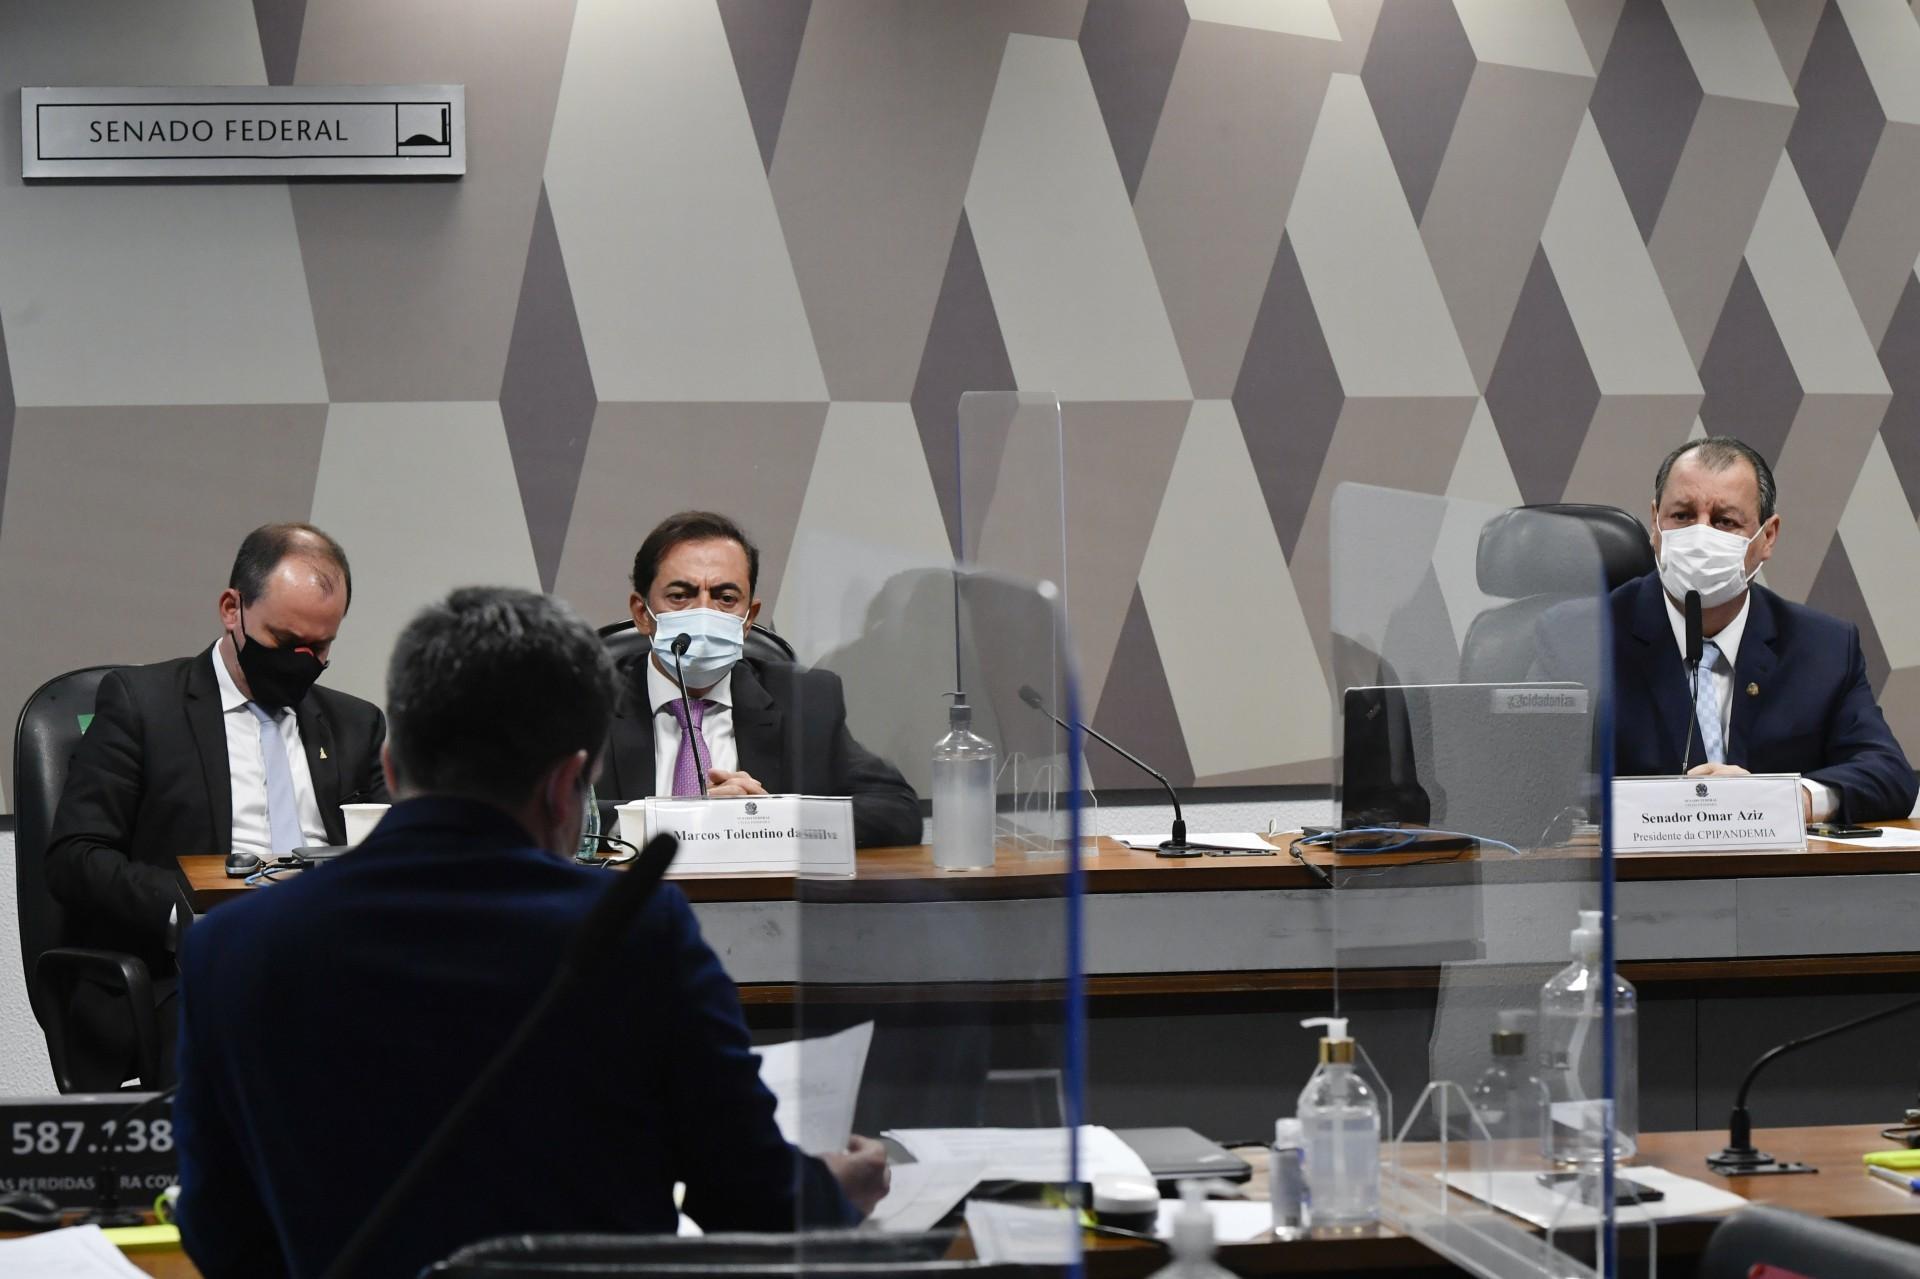 Comissão Parlamentar de Inquérito da Pandemia (CPIPANDEMIA) realiza oitiva do advogado apontado como sócio oculto da empresa FIB Bank, que forneceu à Precisa Medicamentos uma garantia irregular no negócio de compra da vacina indiana Covaxin pelo Ministério da Saúde. (Foto: Leopoldo Silva/Agência Senado)